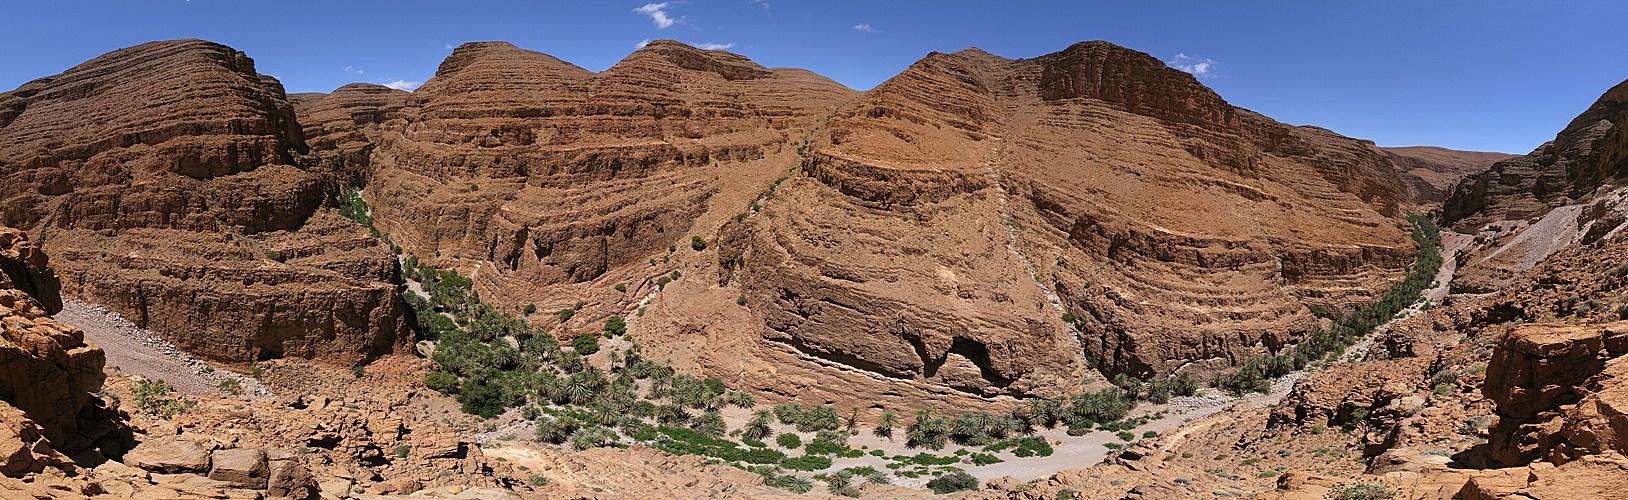 morocco-oued-smouguene-valley-tafraout1532103929.JPG